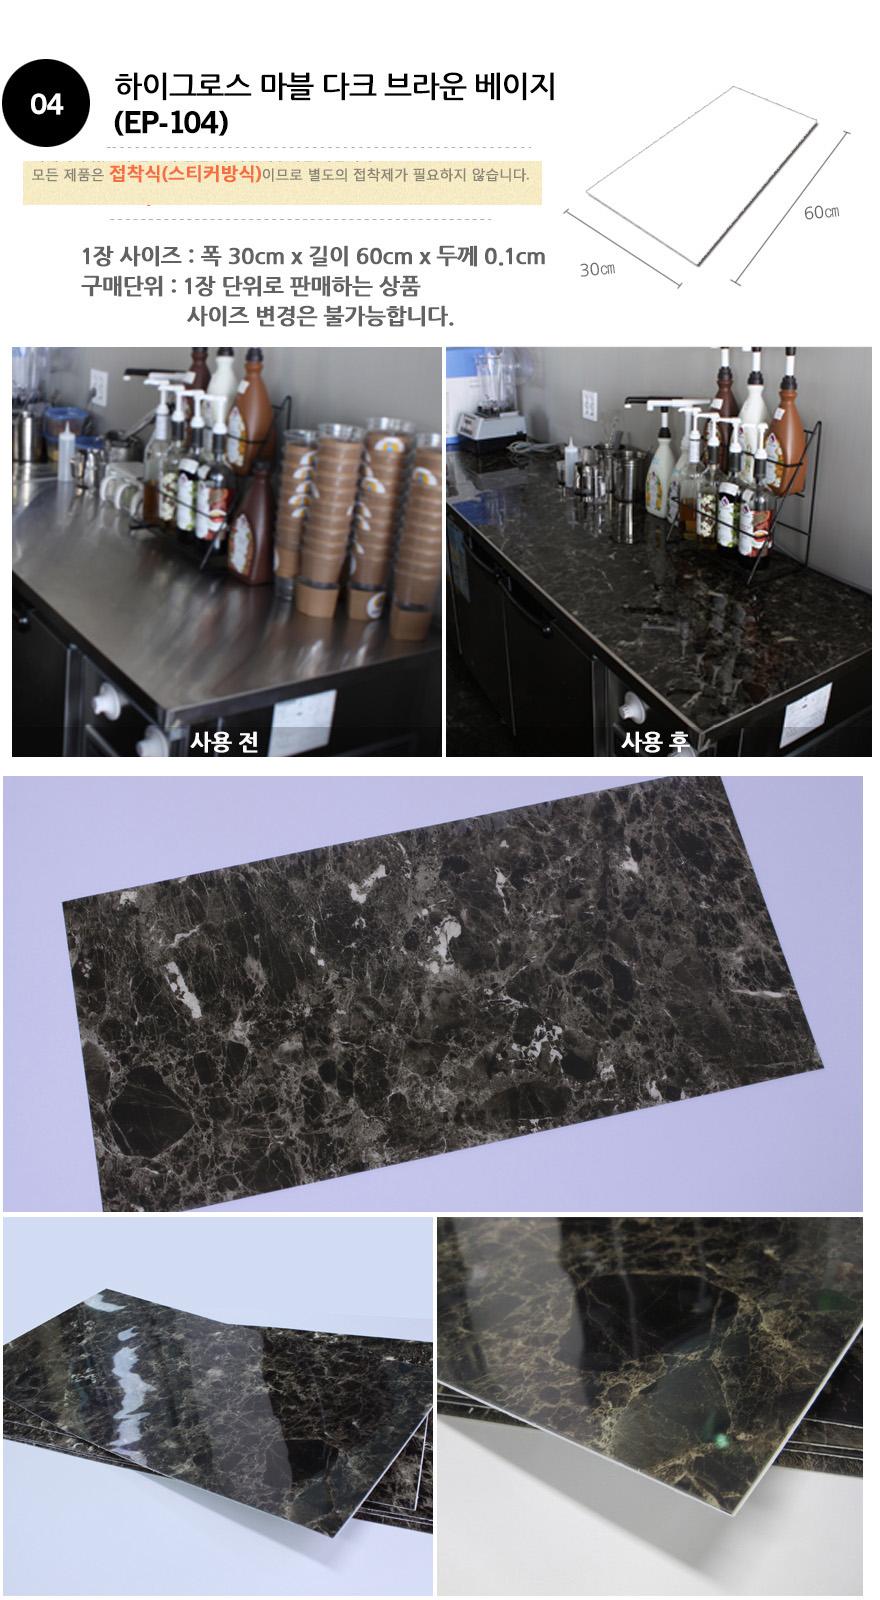 접착식에코페트타일(1장) - 디아이와이데코, 3,300원, 장식/부자재, 바닥장식